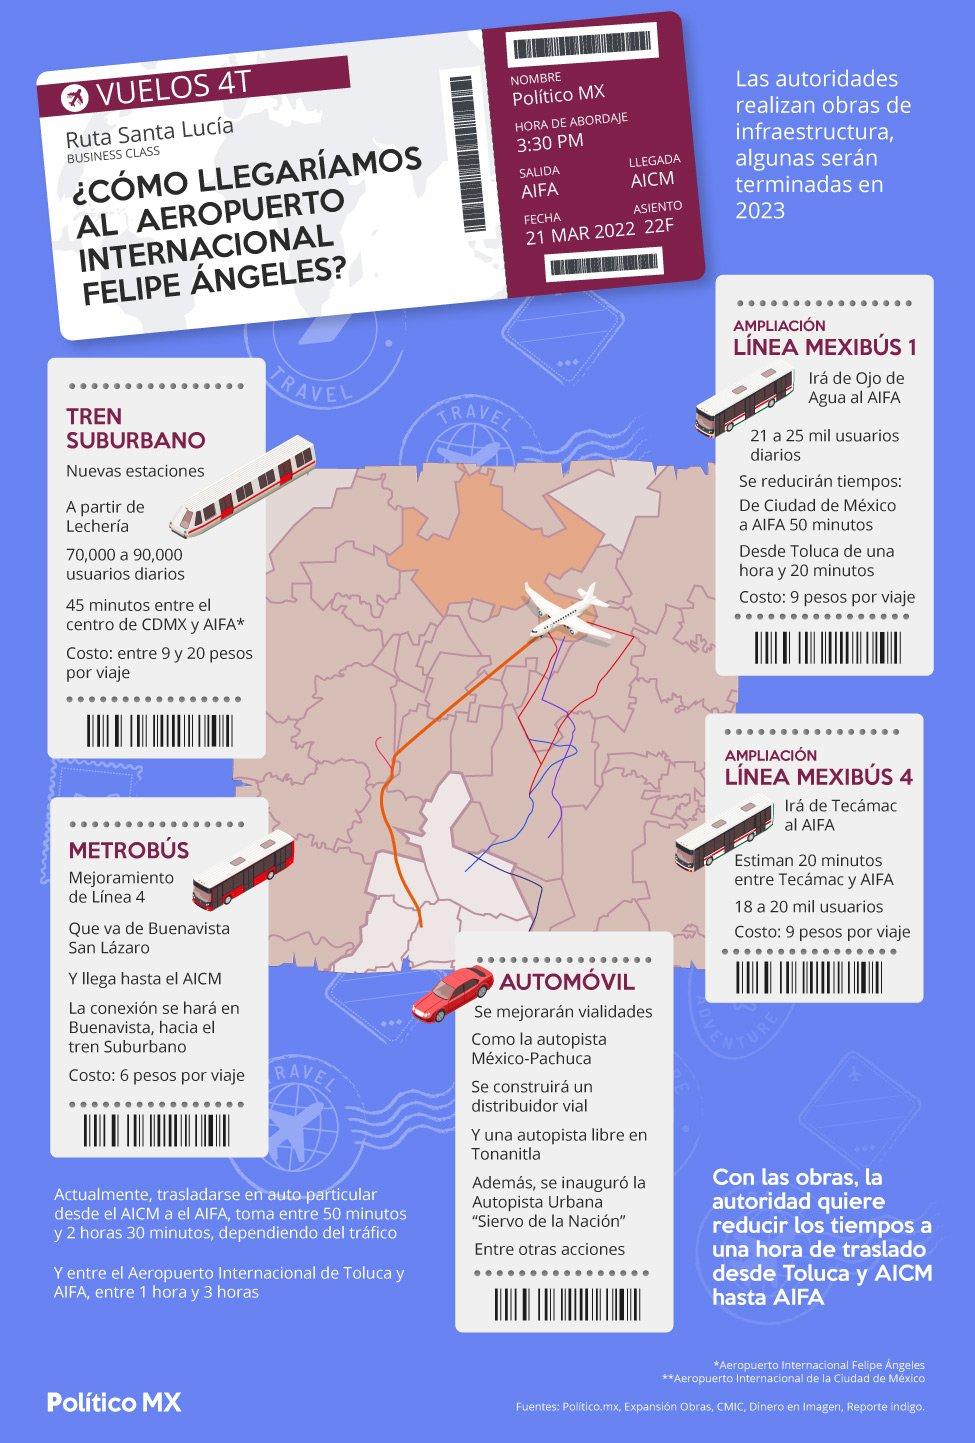 ¿Cómo llegaríamos al Aeropuerto Internacional Felipe Ángeles?